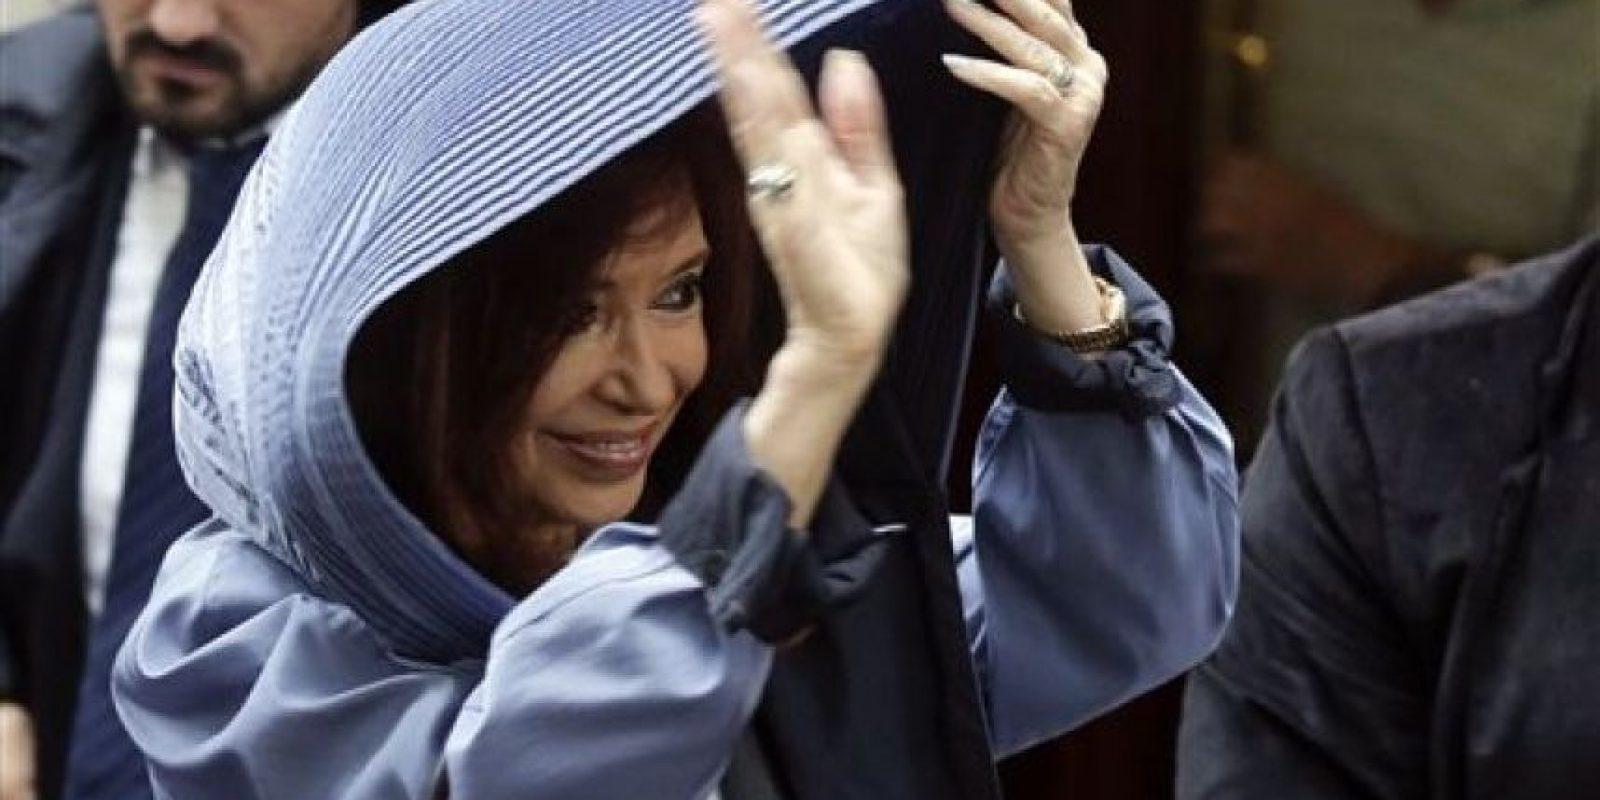 La ex mandataria habló cerca de una hora bajo la lluvia contra el gobierno de macri Foto:AP